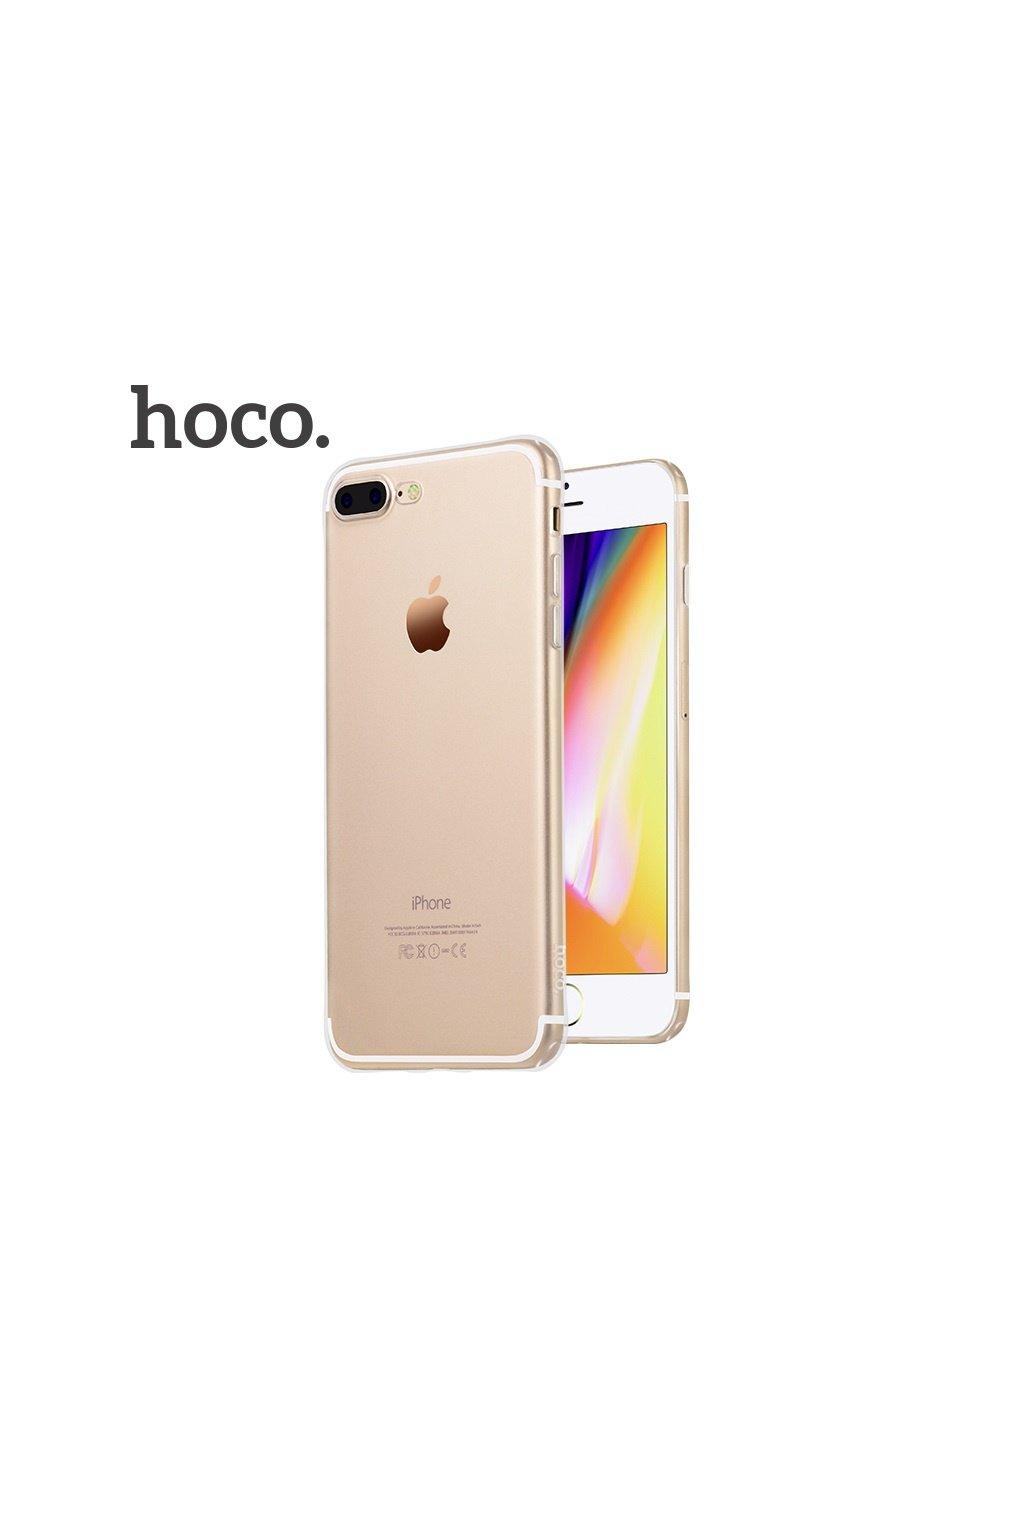 2063 hoco transparent zadni kryt iphone 7 8 plus ciry